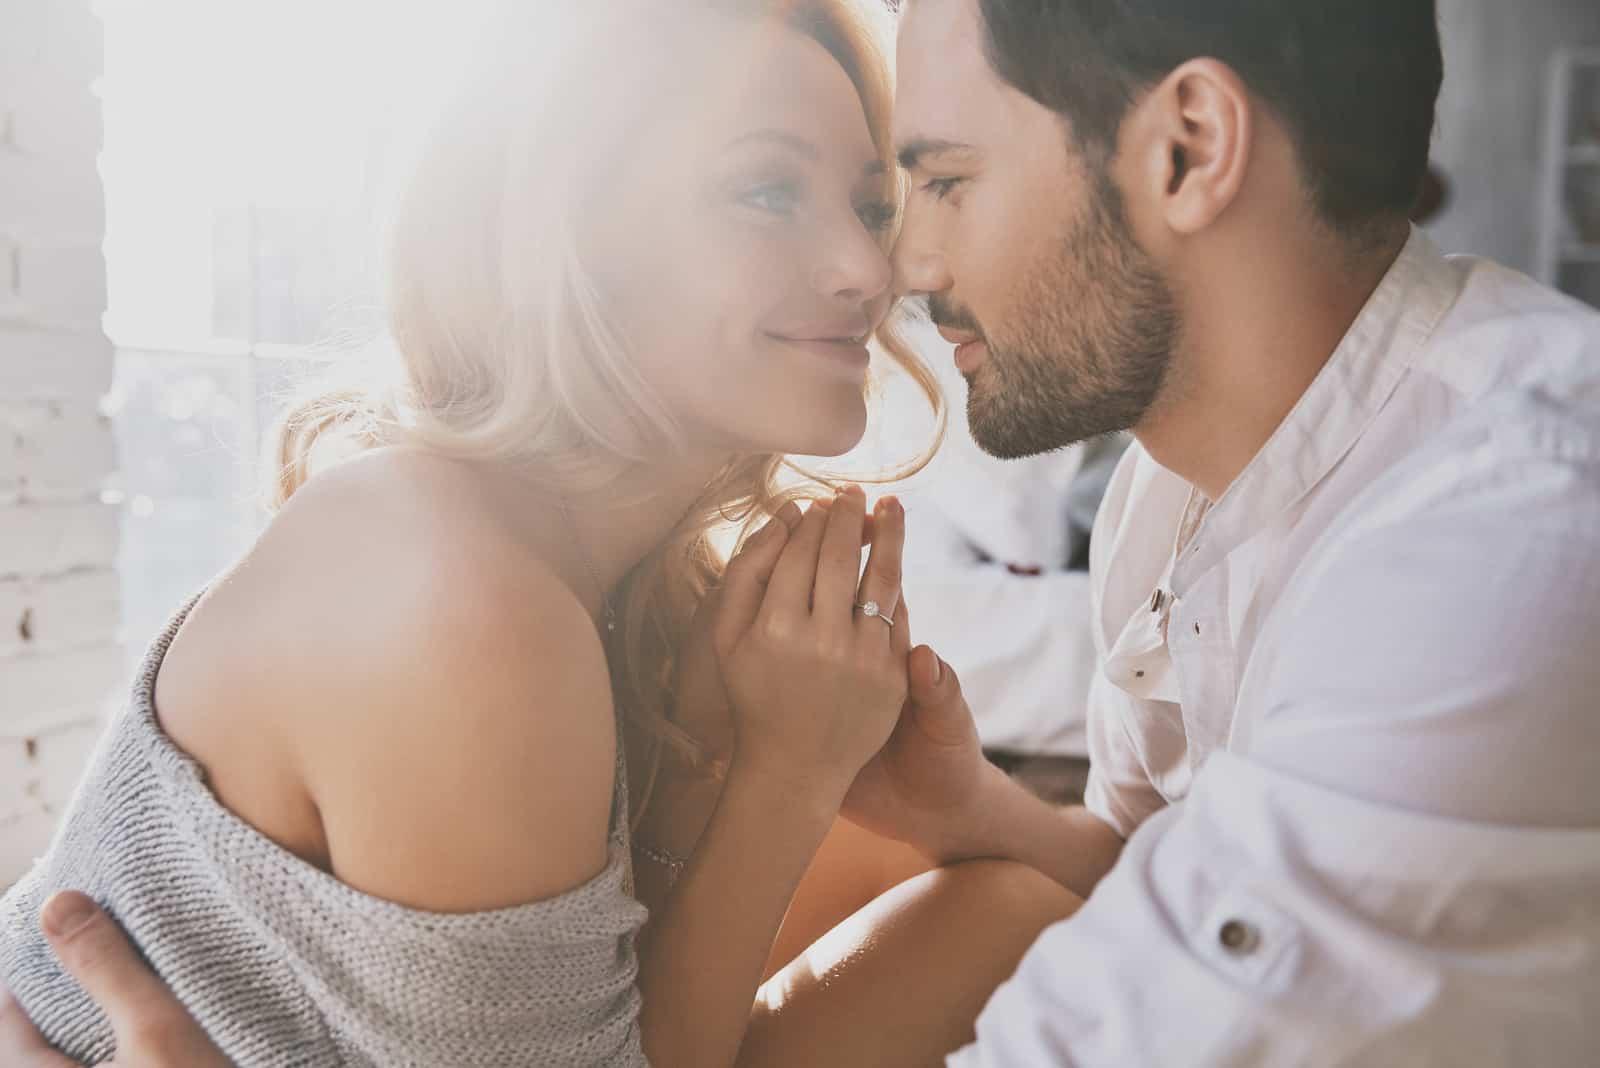 un homme et une femme se regardent en se tenant la main